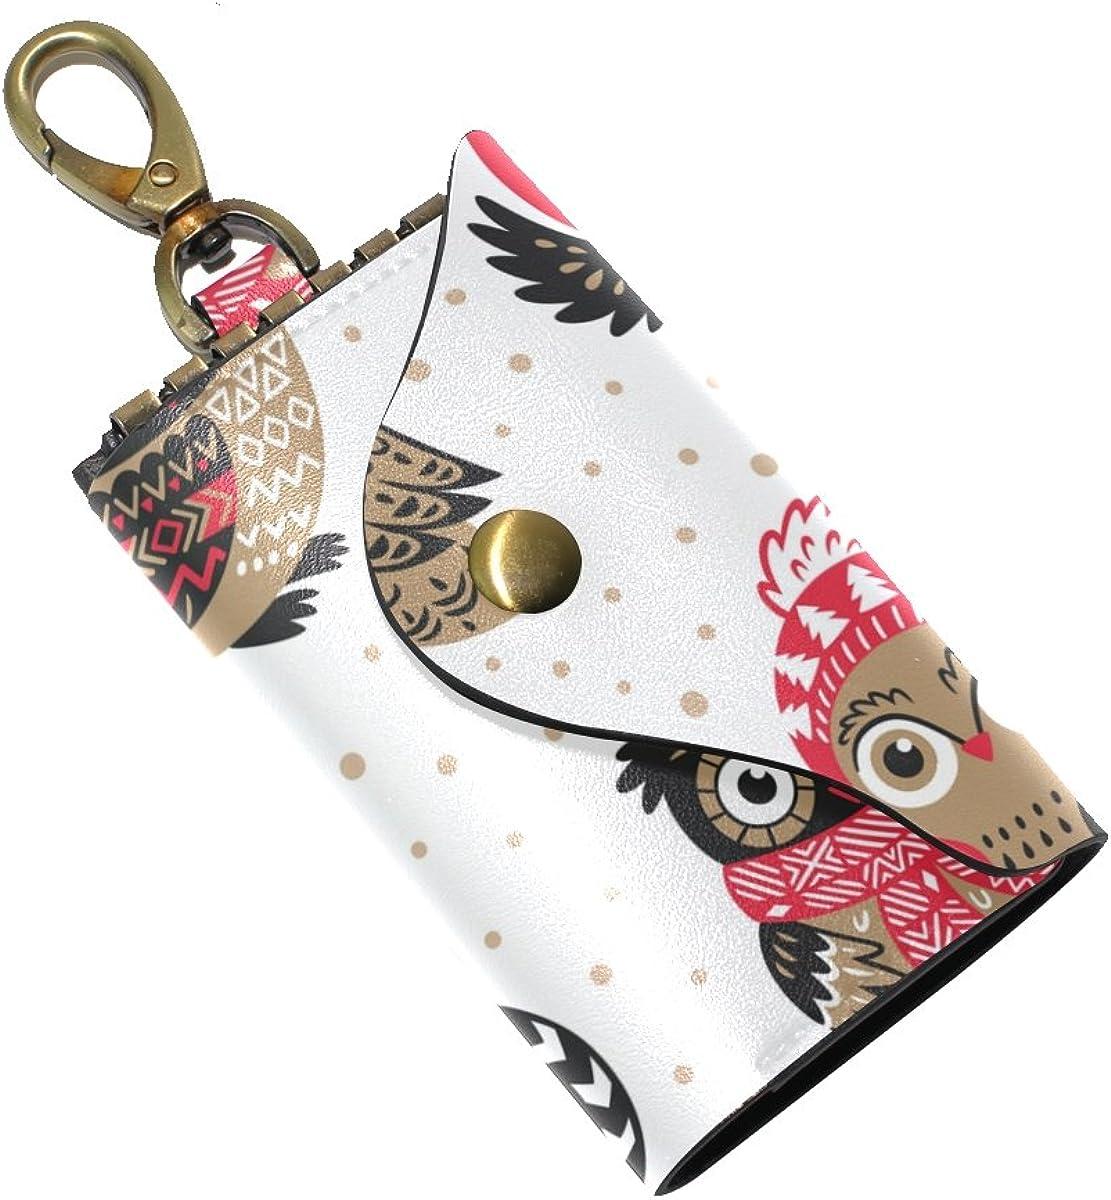 DEYYA Owl Printing Leather Key Case Wallets Unisex Keychain Key Holder with 6 Hooks Snap Closure